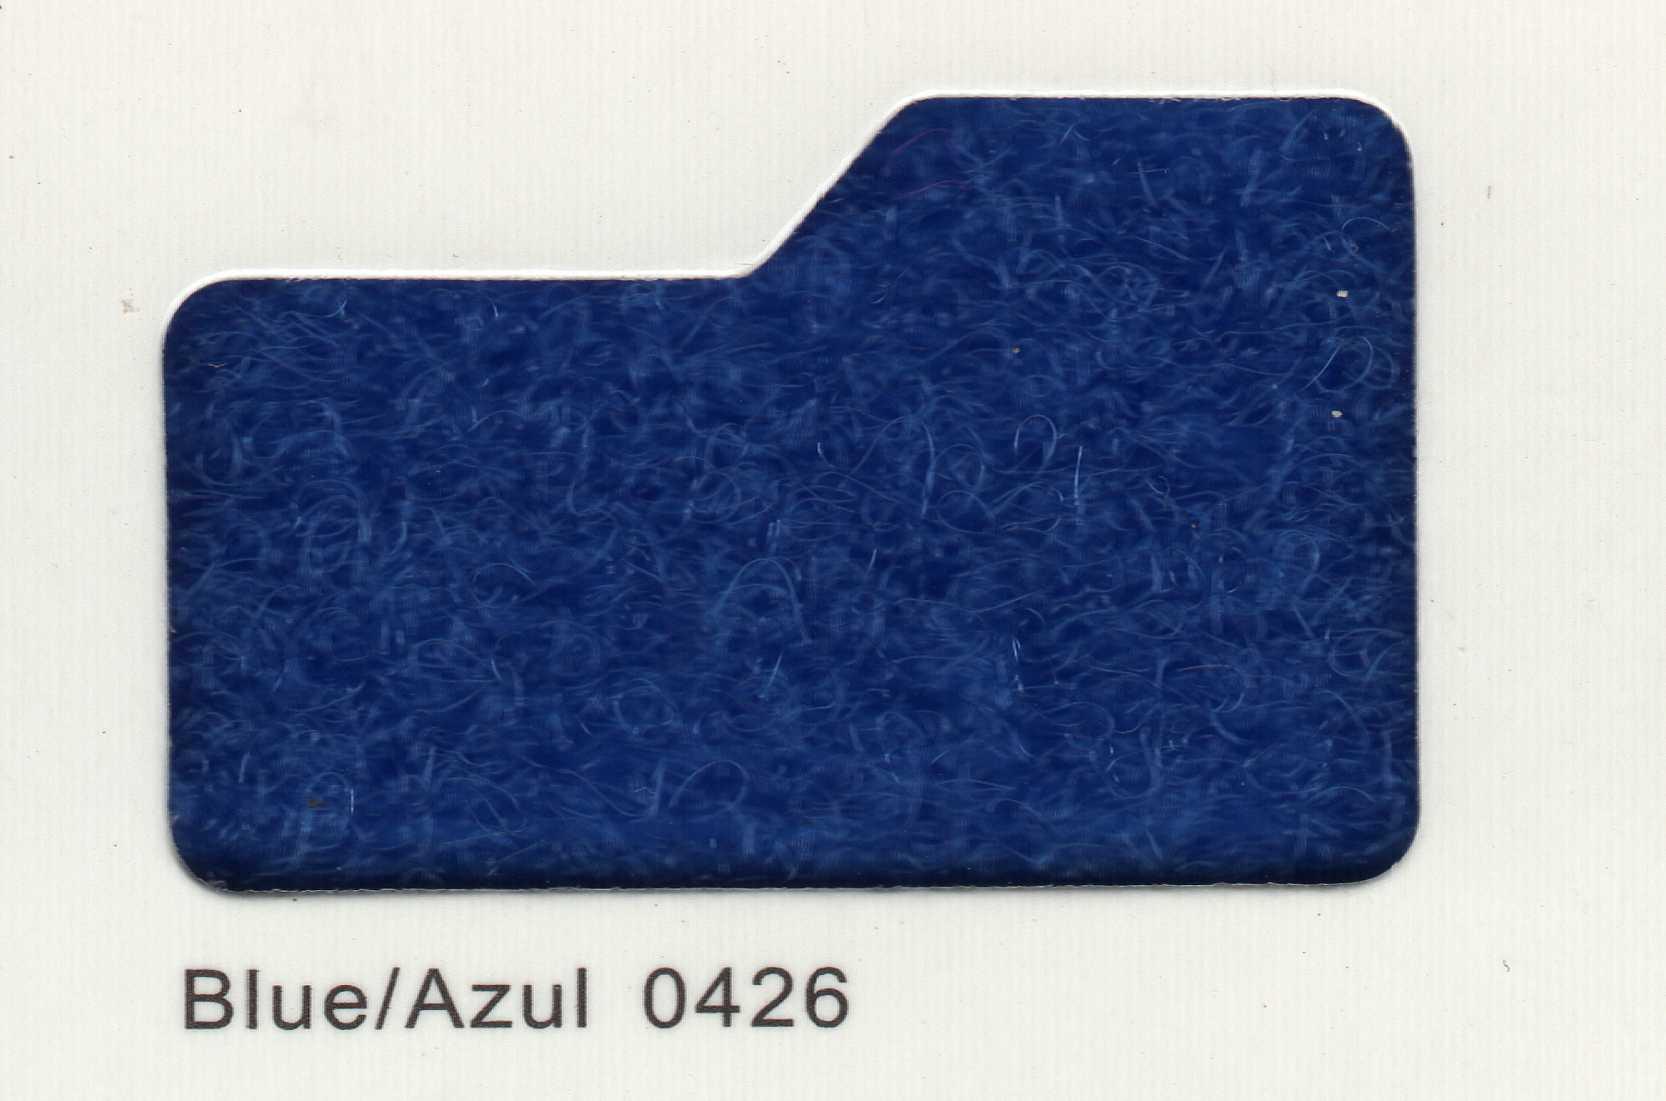 Cinta de cierre Velcro-Veraco 50mm Azul 0426 (Rizo).